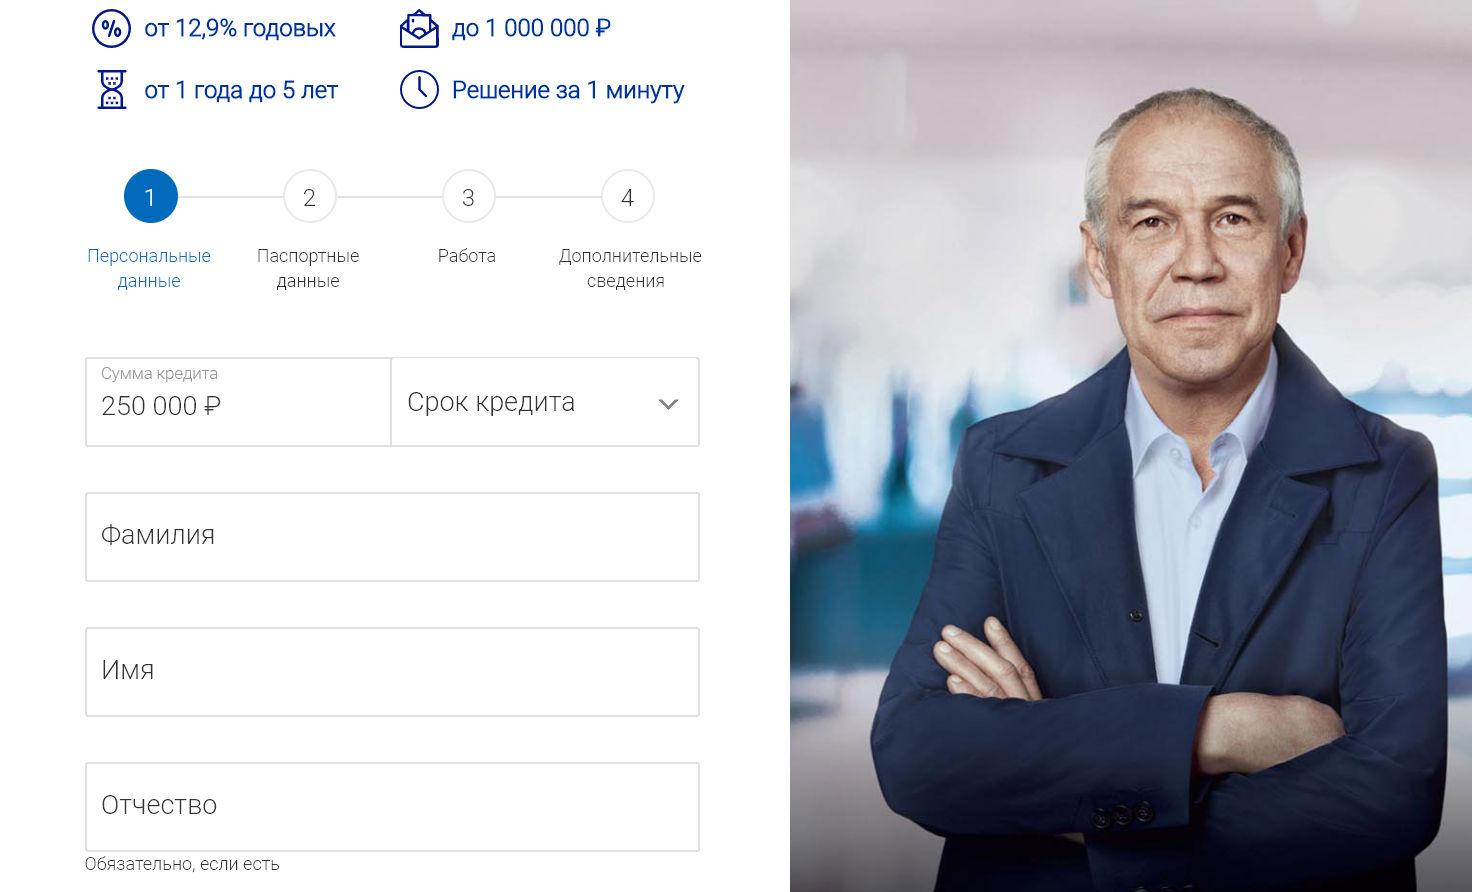 Открыть вклад в Почта Банке онлайн, тарифы, документы